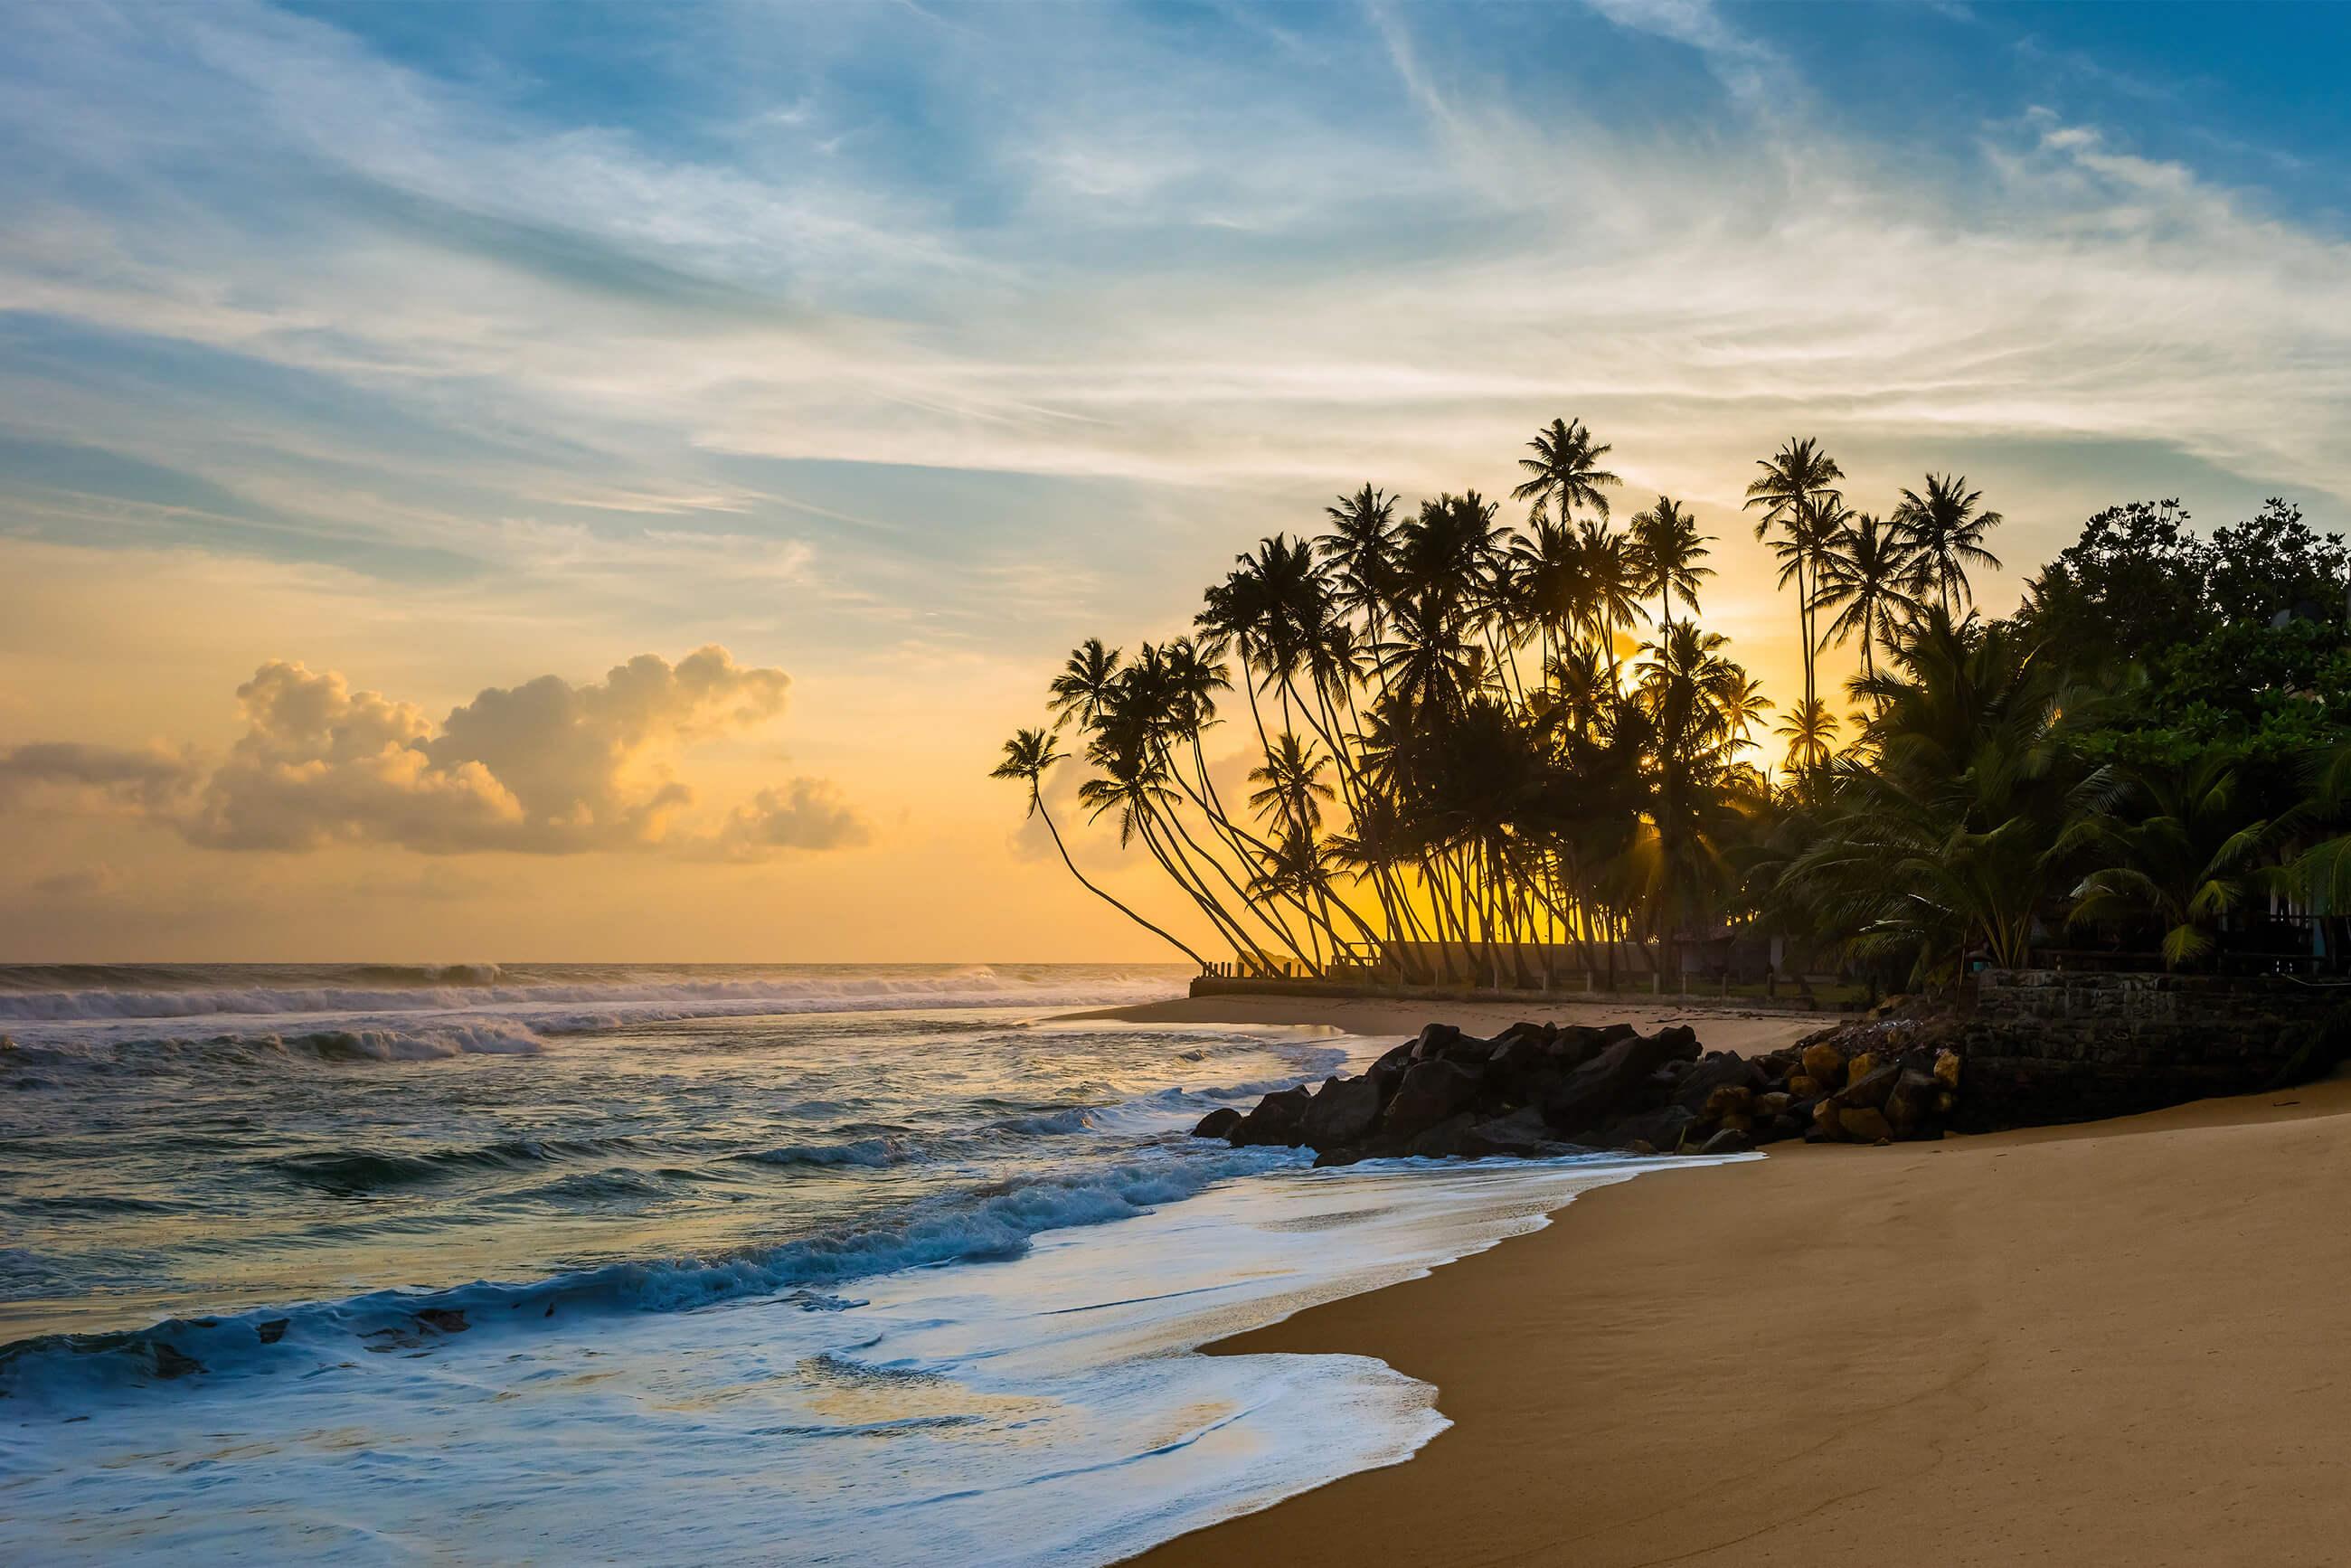 https://bubo.sk/uploads/galleries/7327/shutterstock_srilanka_plaz_529644775-2.jpg